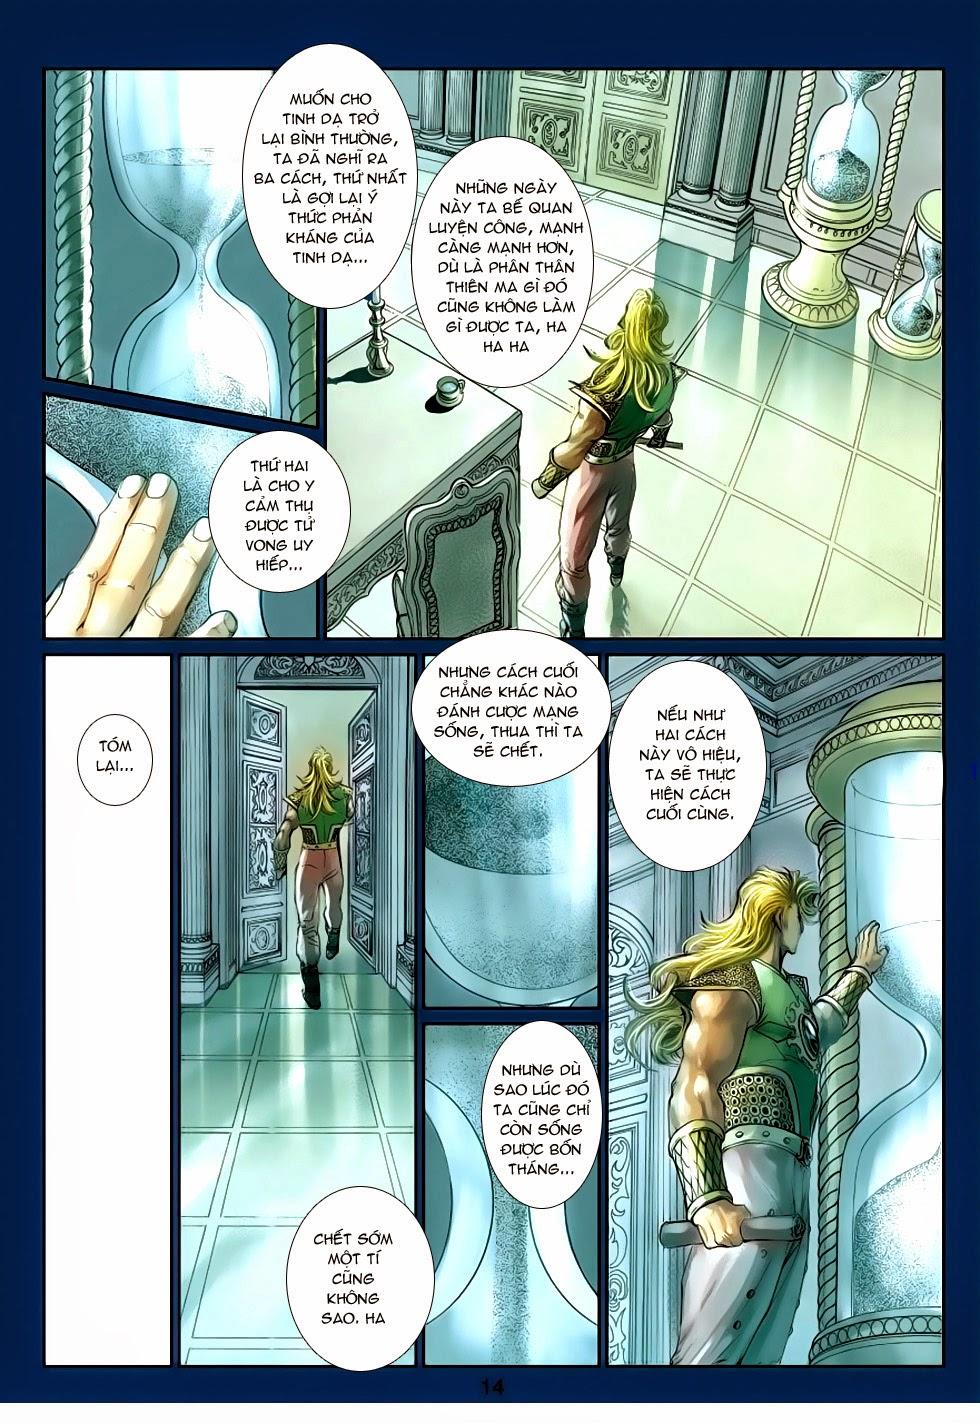 Thần Binh Tiền Truyện 4 - Huyền Thiên Tà Đế chap 13 - Trang 14